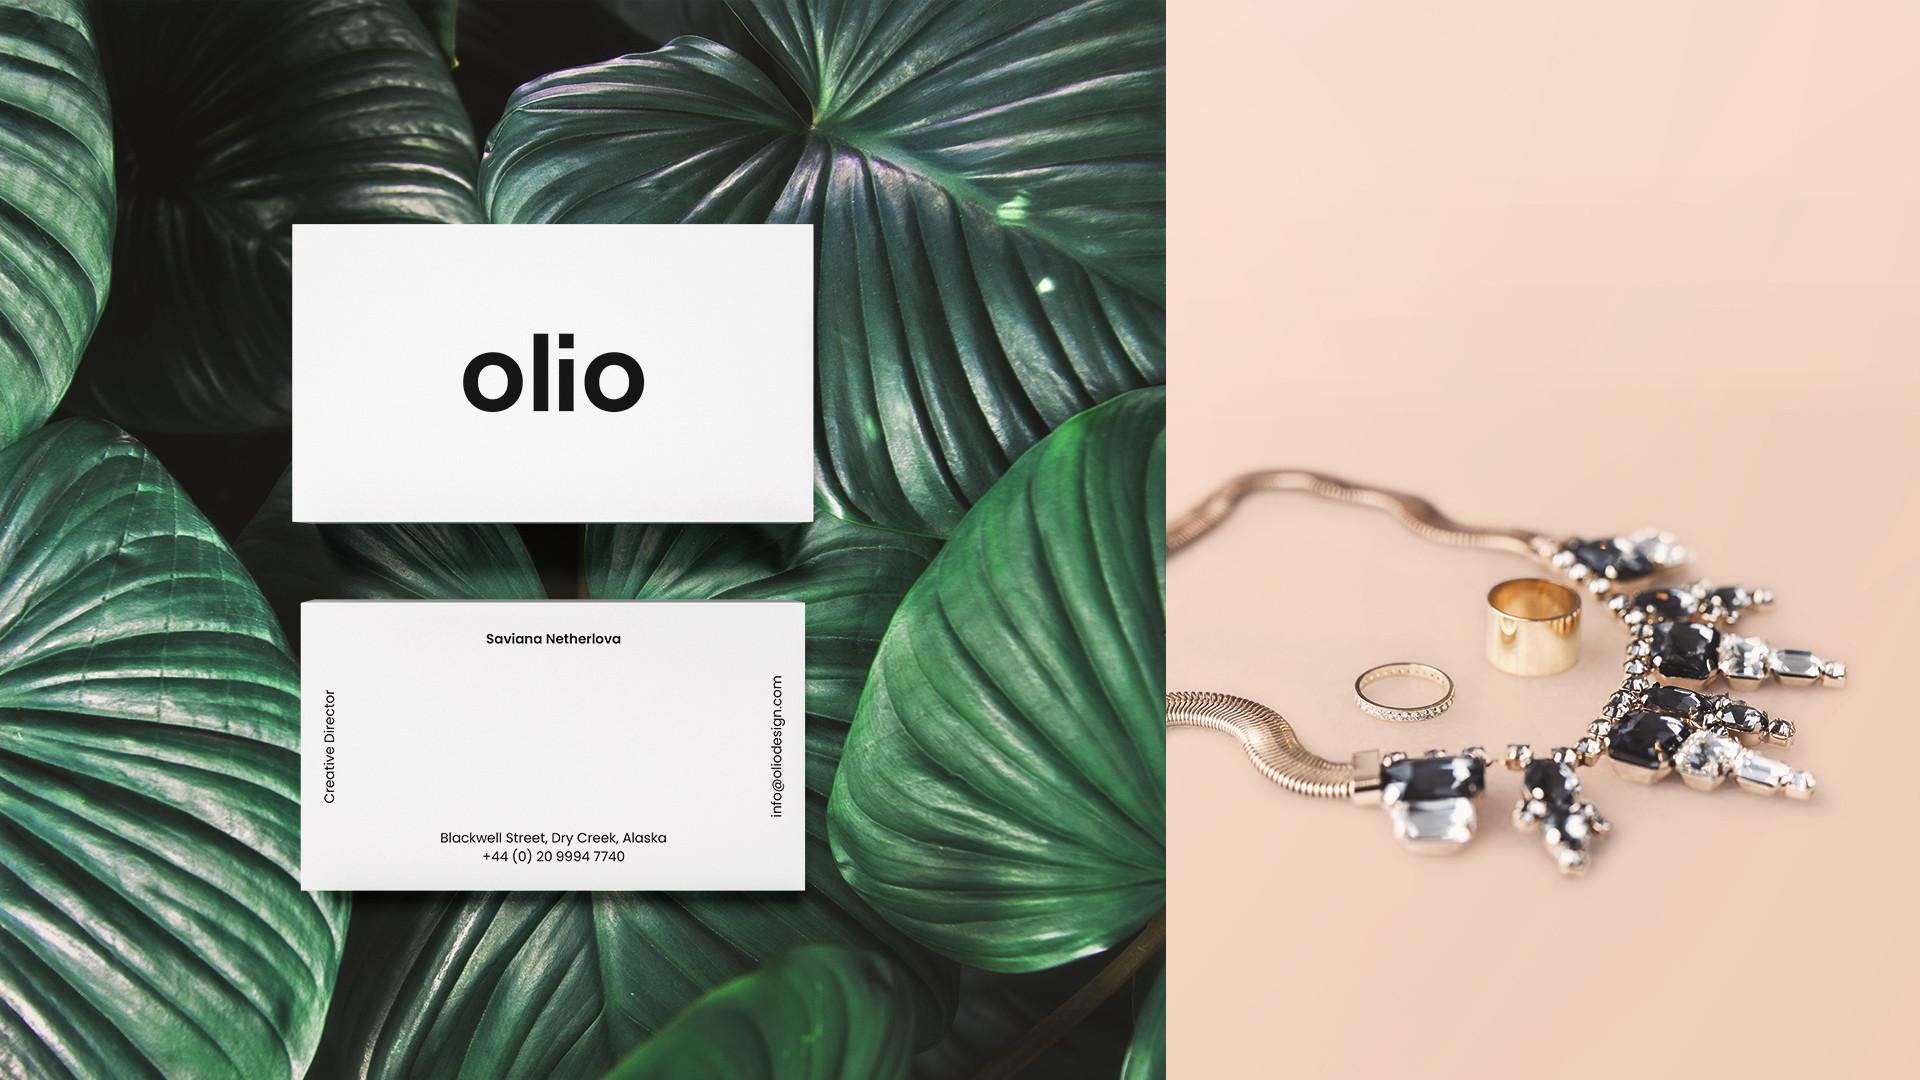 Olio Display 3.jpg